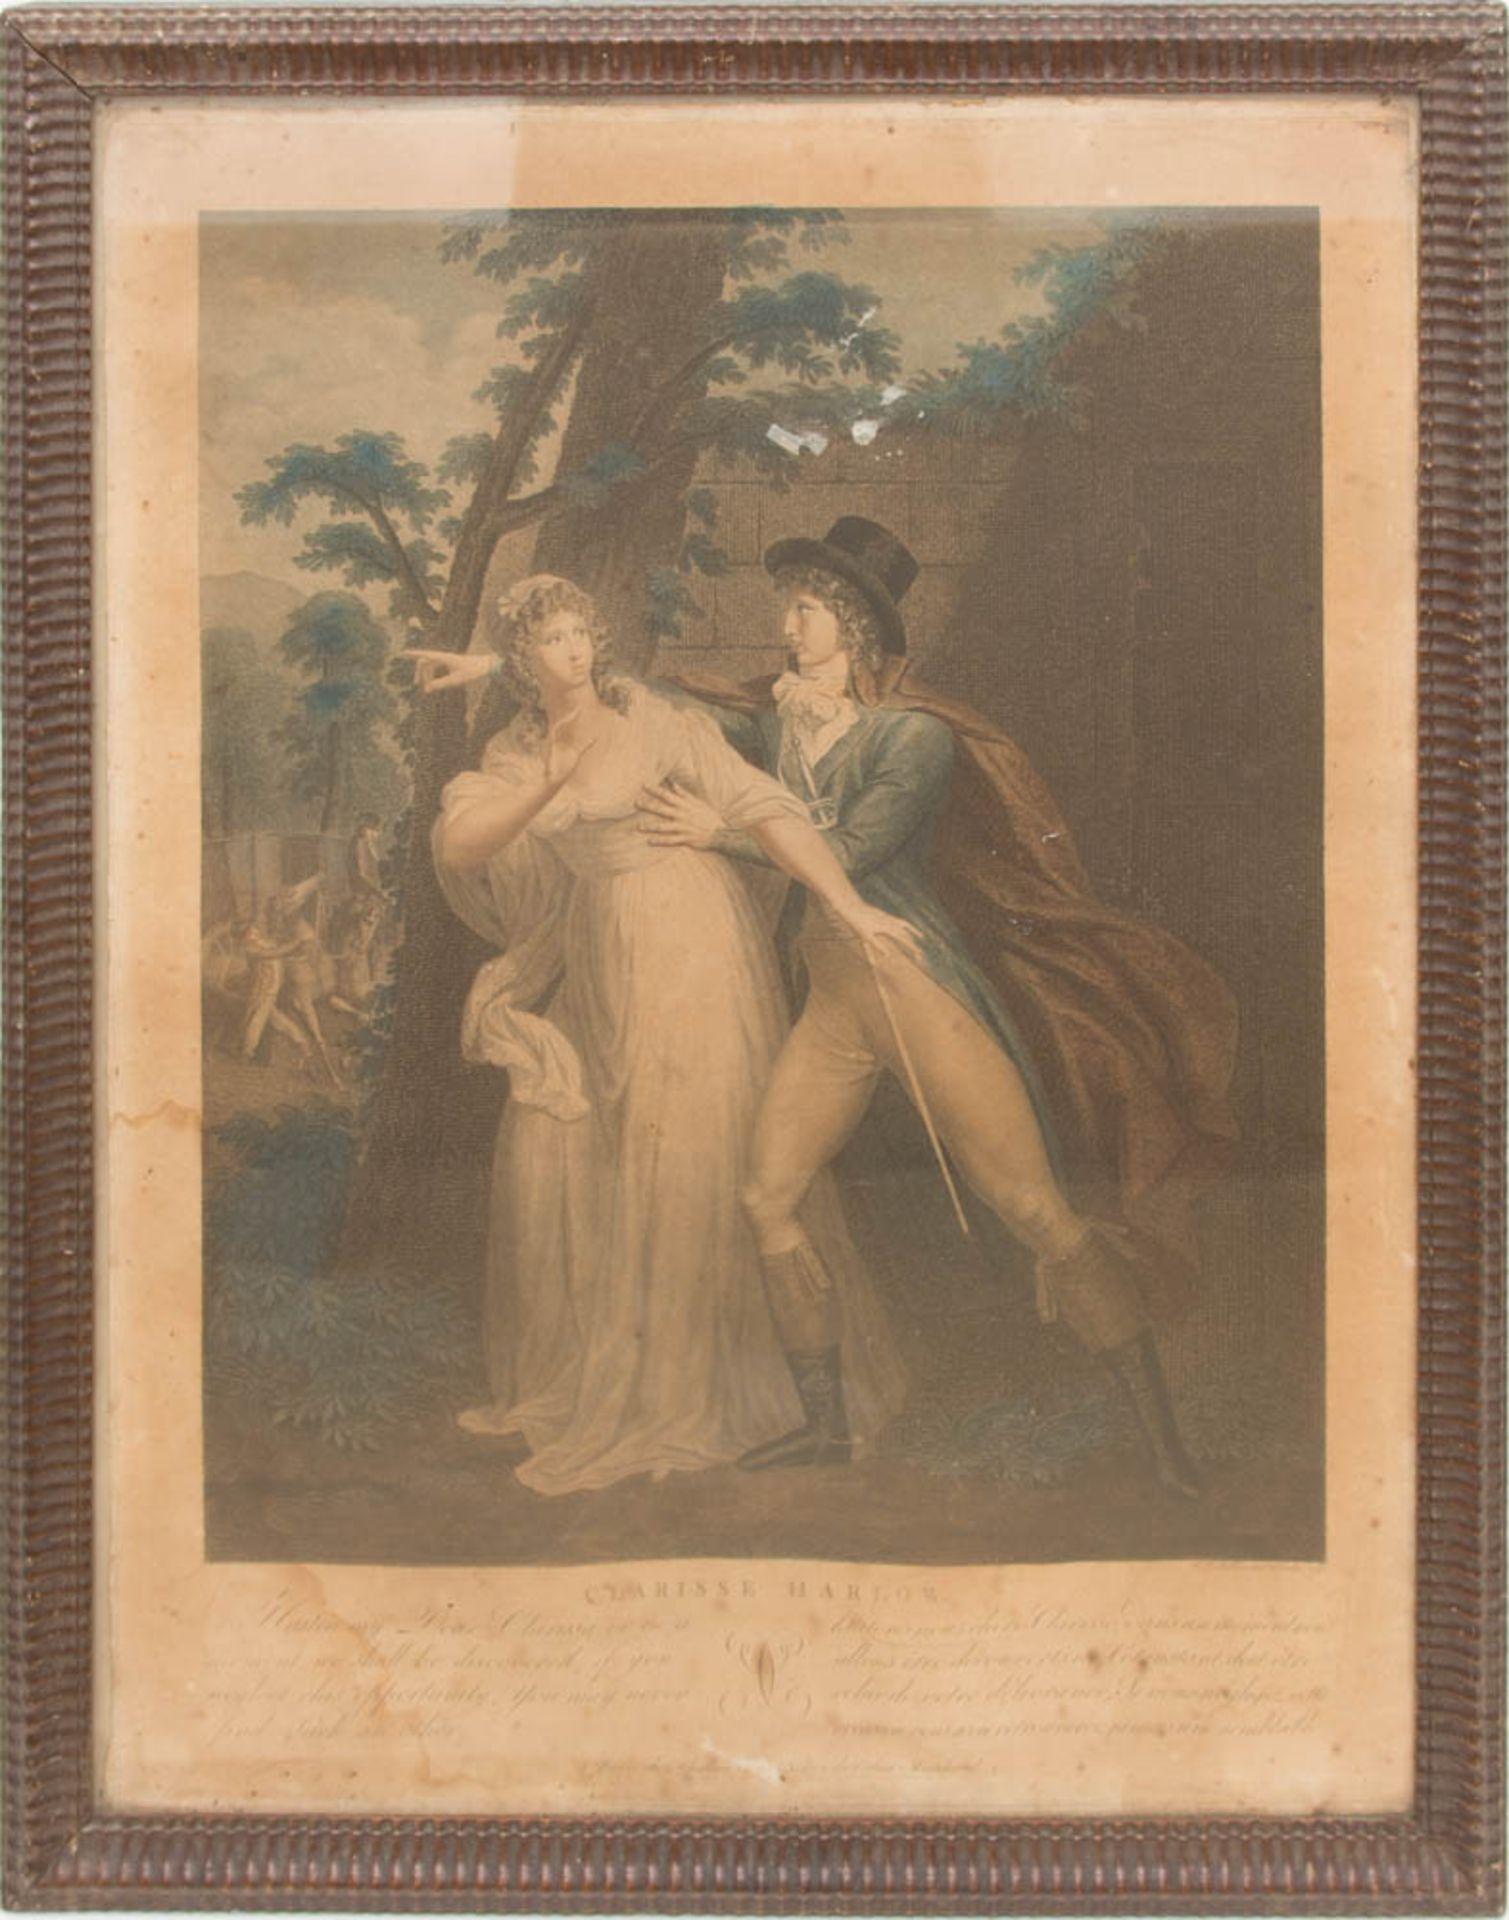 Die Leiden der Clarissa von Harlow, Druckgrafik, 19. Jh.Beide hinter Glas gerahmt, lei - Bild 2 aus 7